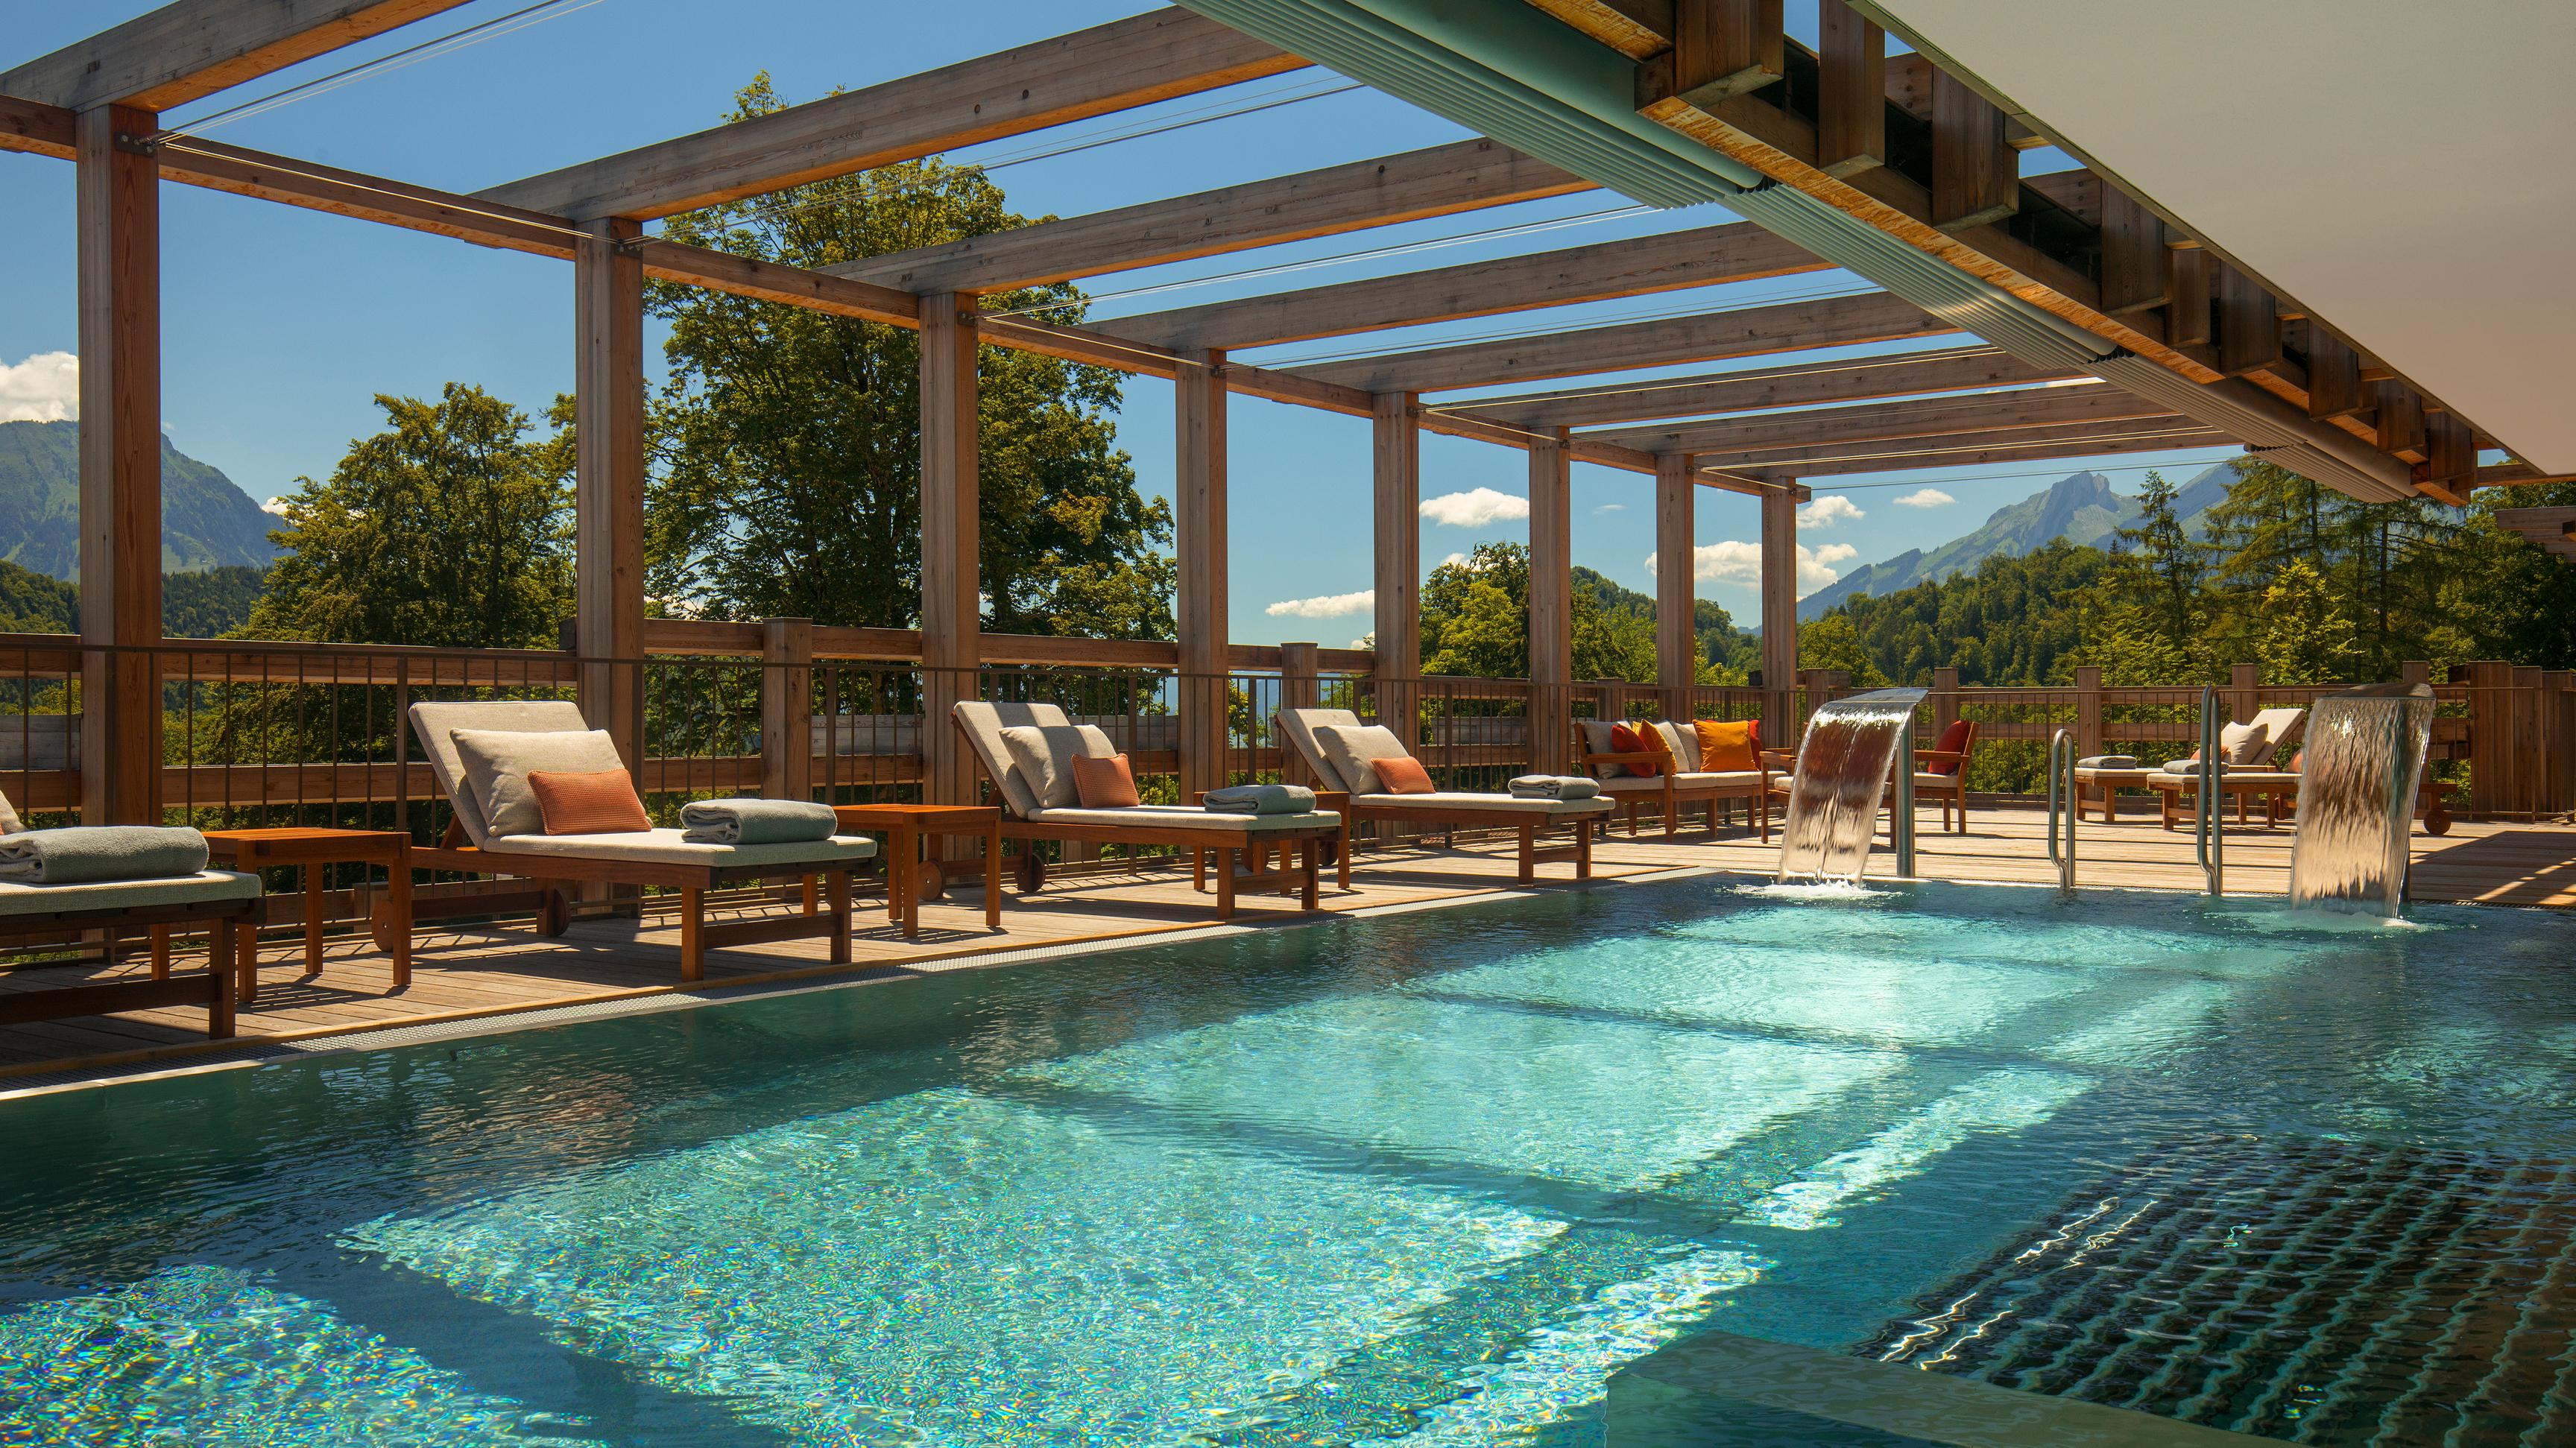 Relaxing in pool